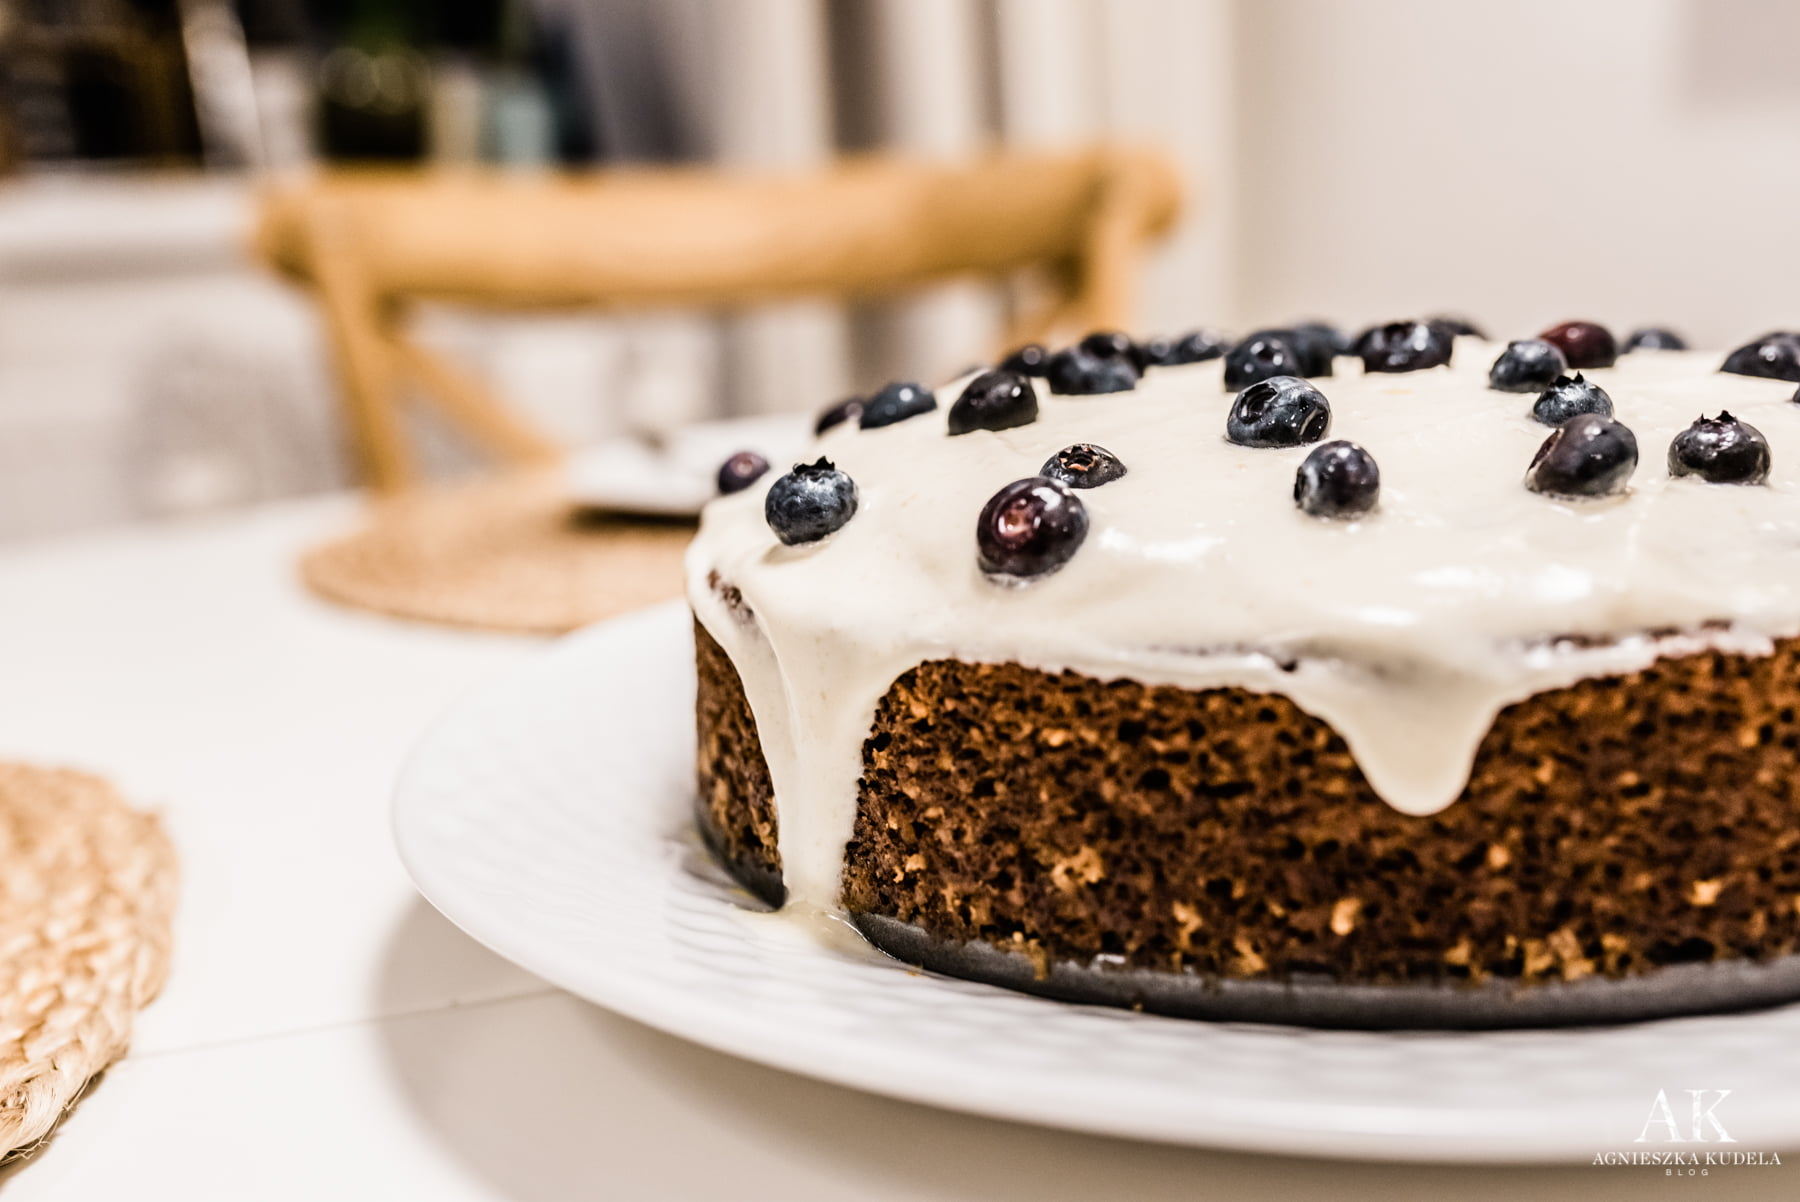 zdrowe jedzenie jadłospis ciasto marchewkowe